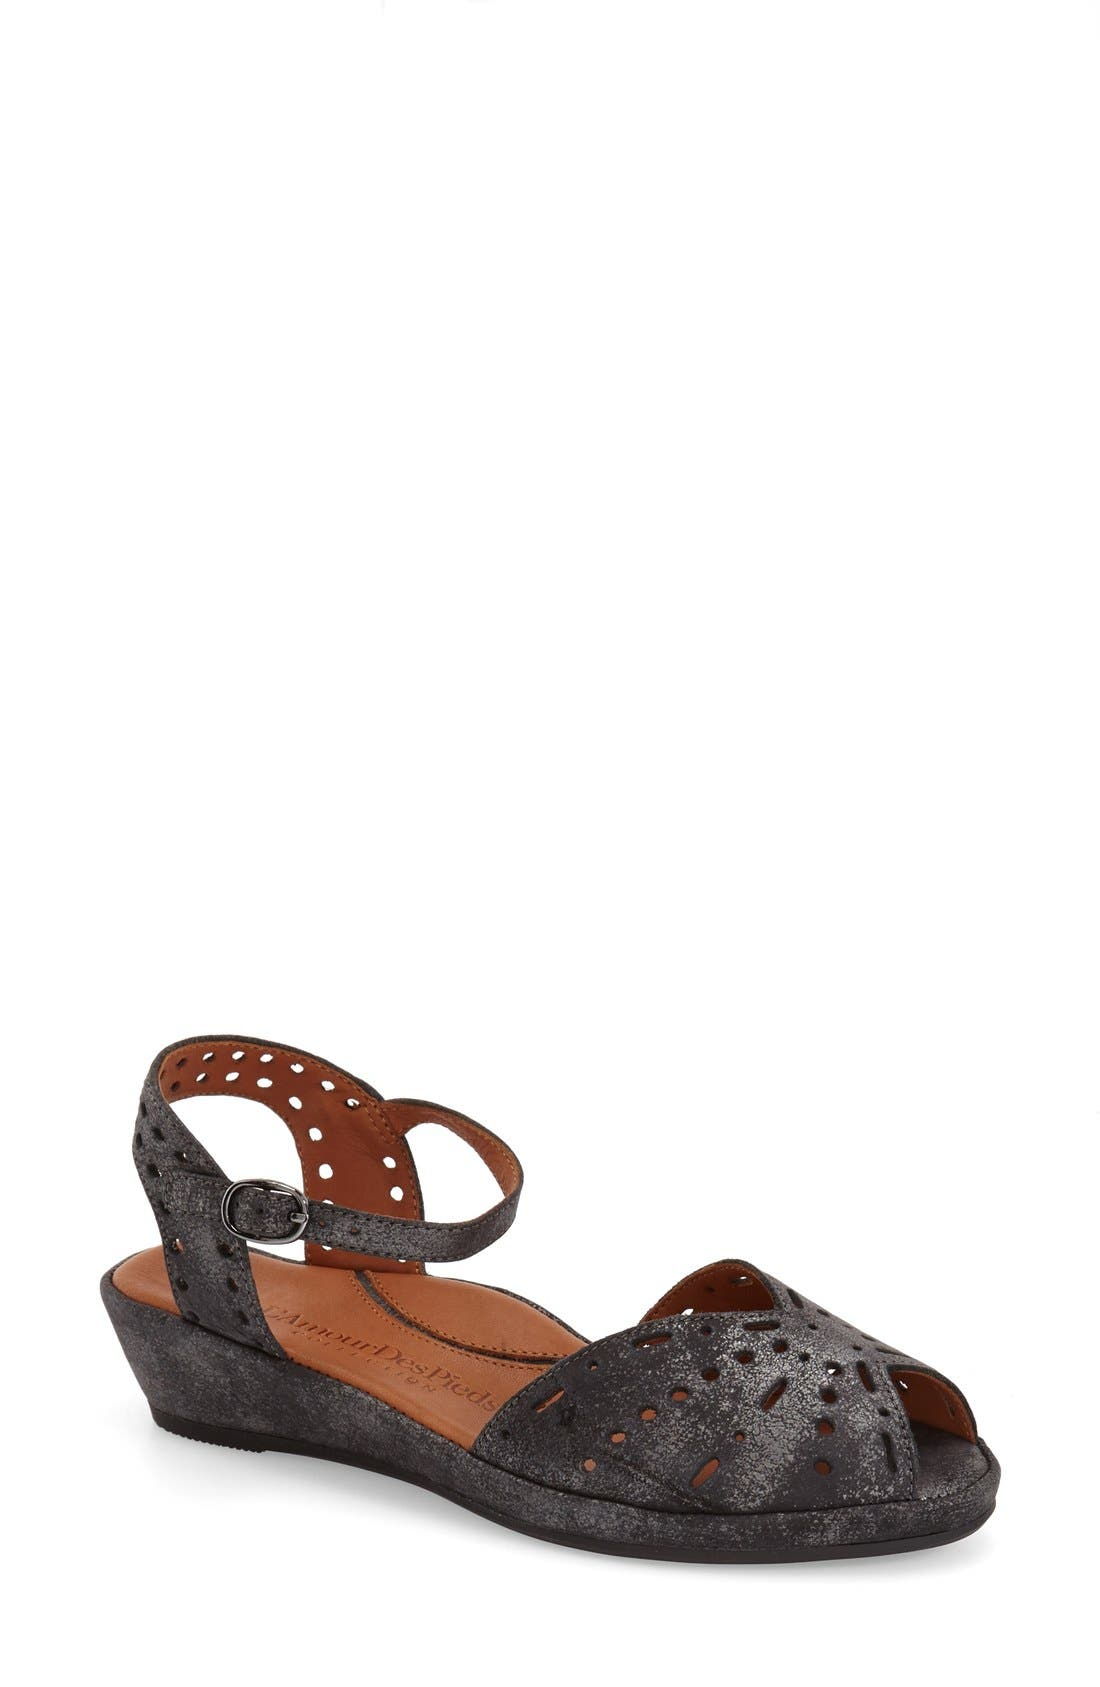 Main Image - L'Amour des Pieds 'Brenn' Ankle Strap Sandal (Women)